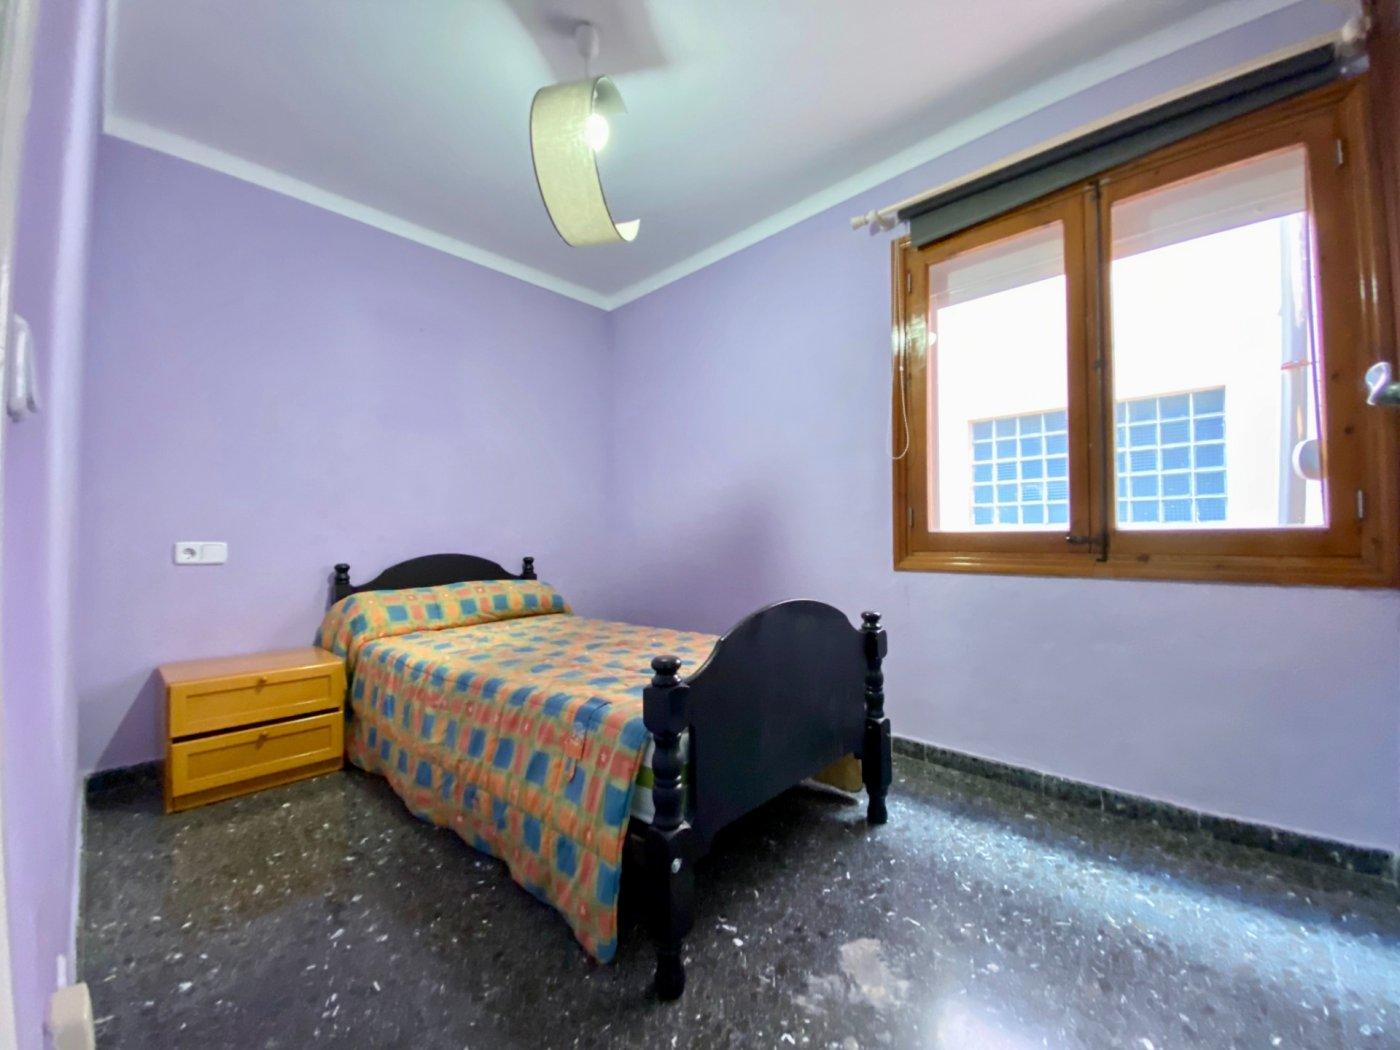 Espacioso piso a la venta en puerto pollensa - imagenInmueble15